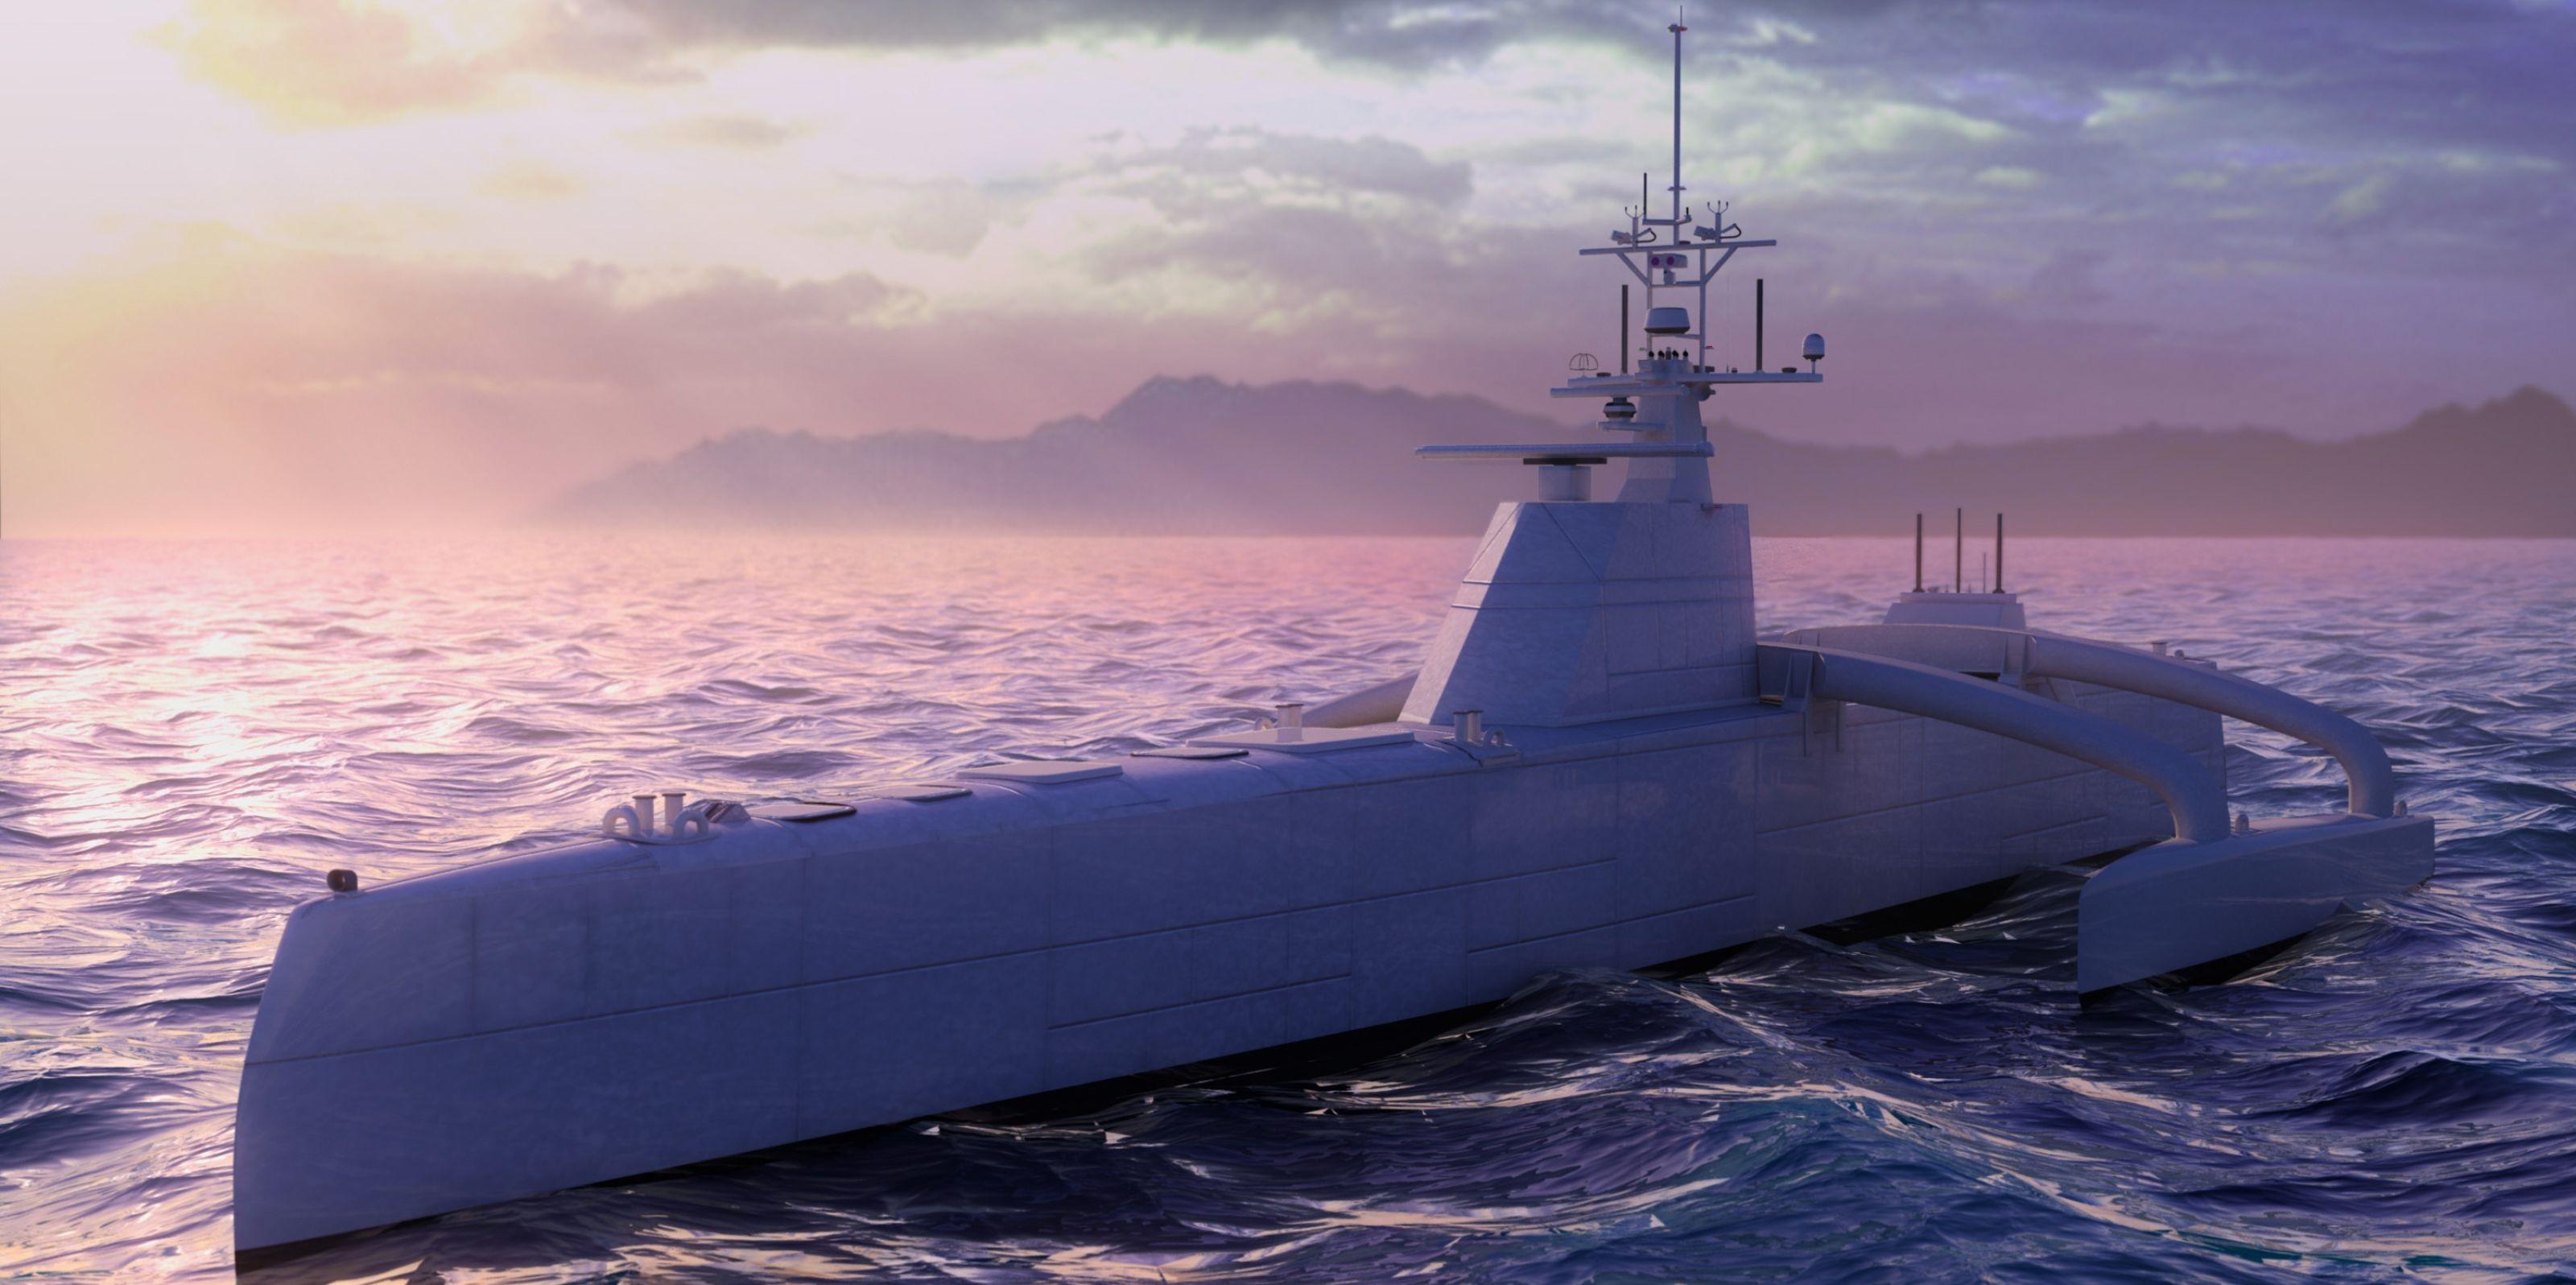 ACTUV: El buque antisubmarino de DARPA con inteligencia propia